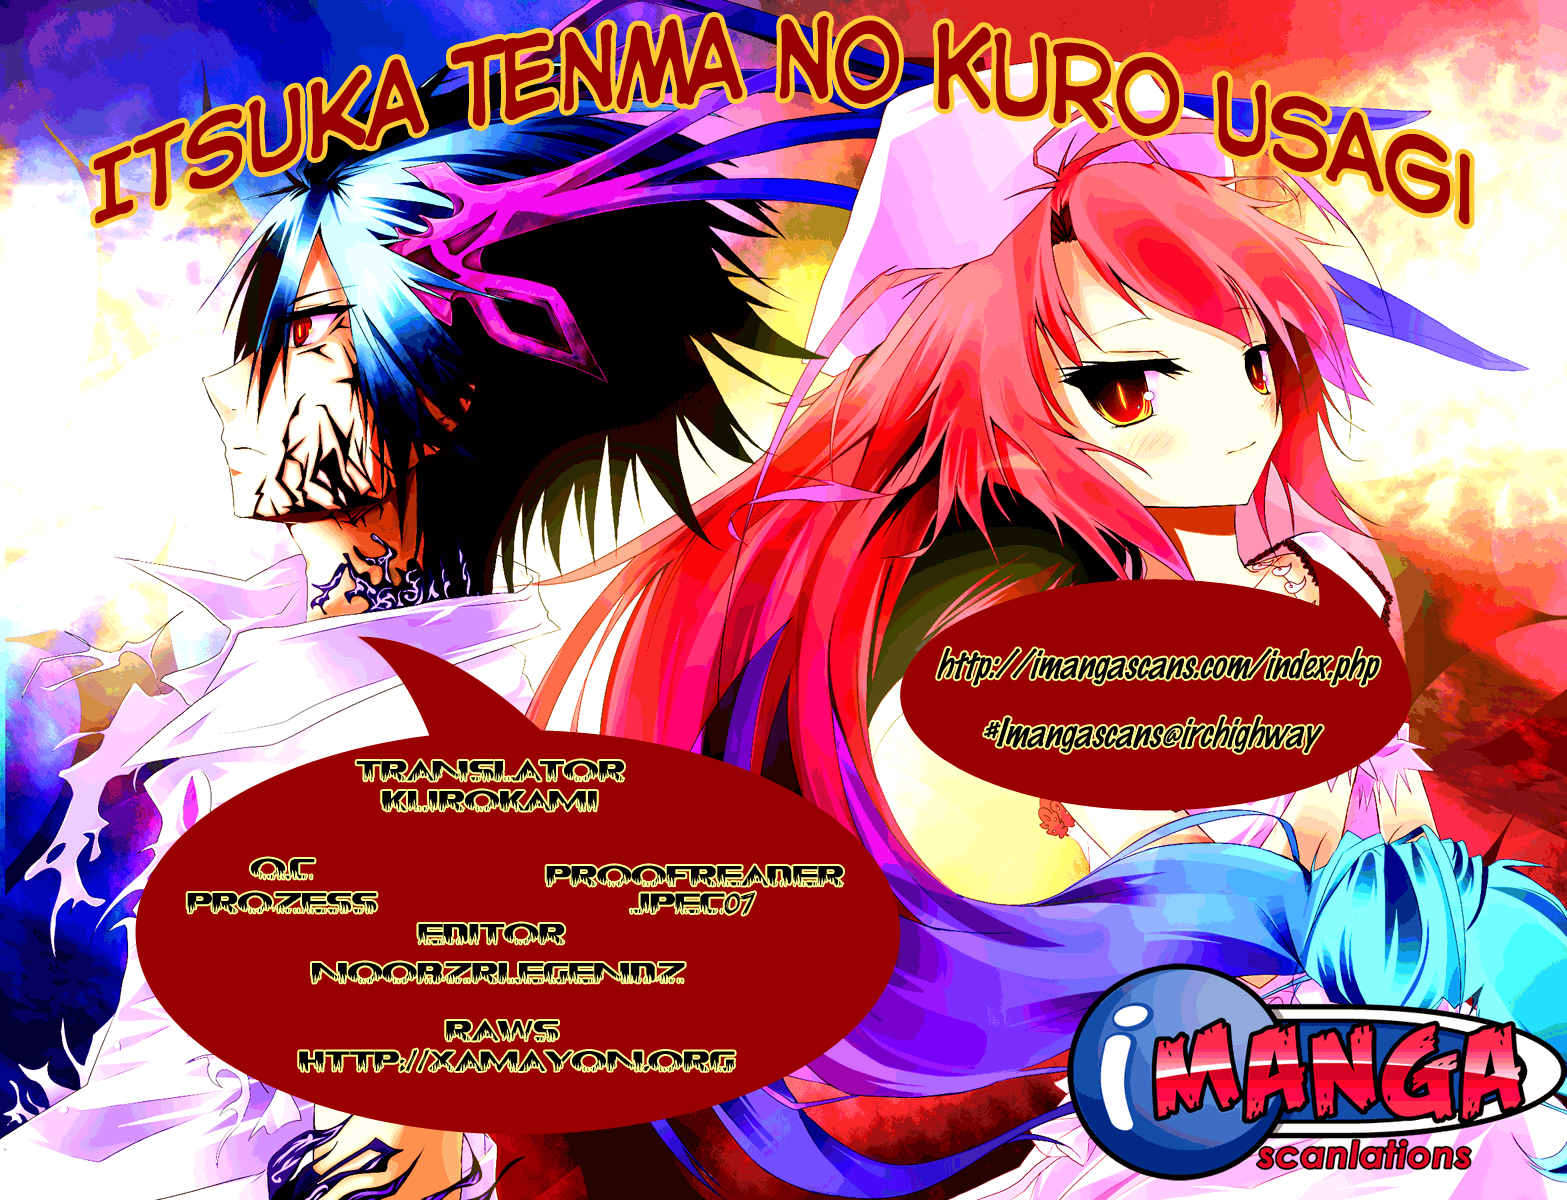 Itsuka Tenma no Kuro Usagi 6 Page 1